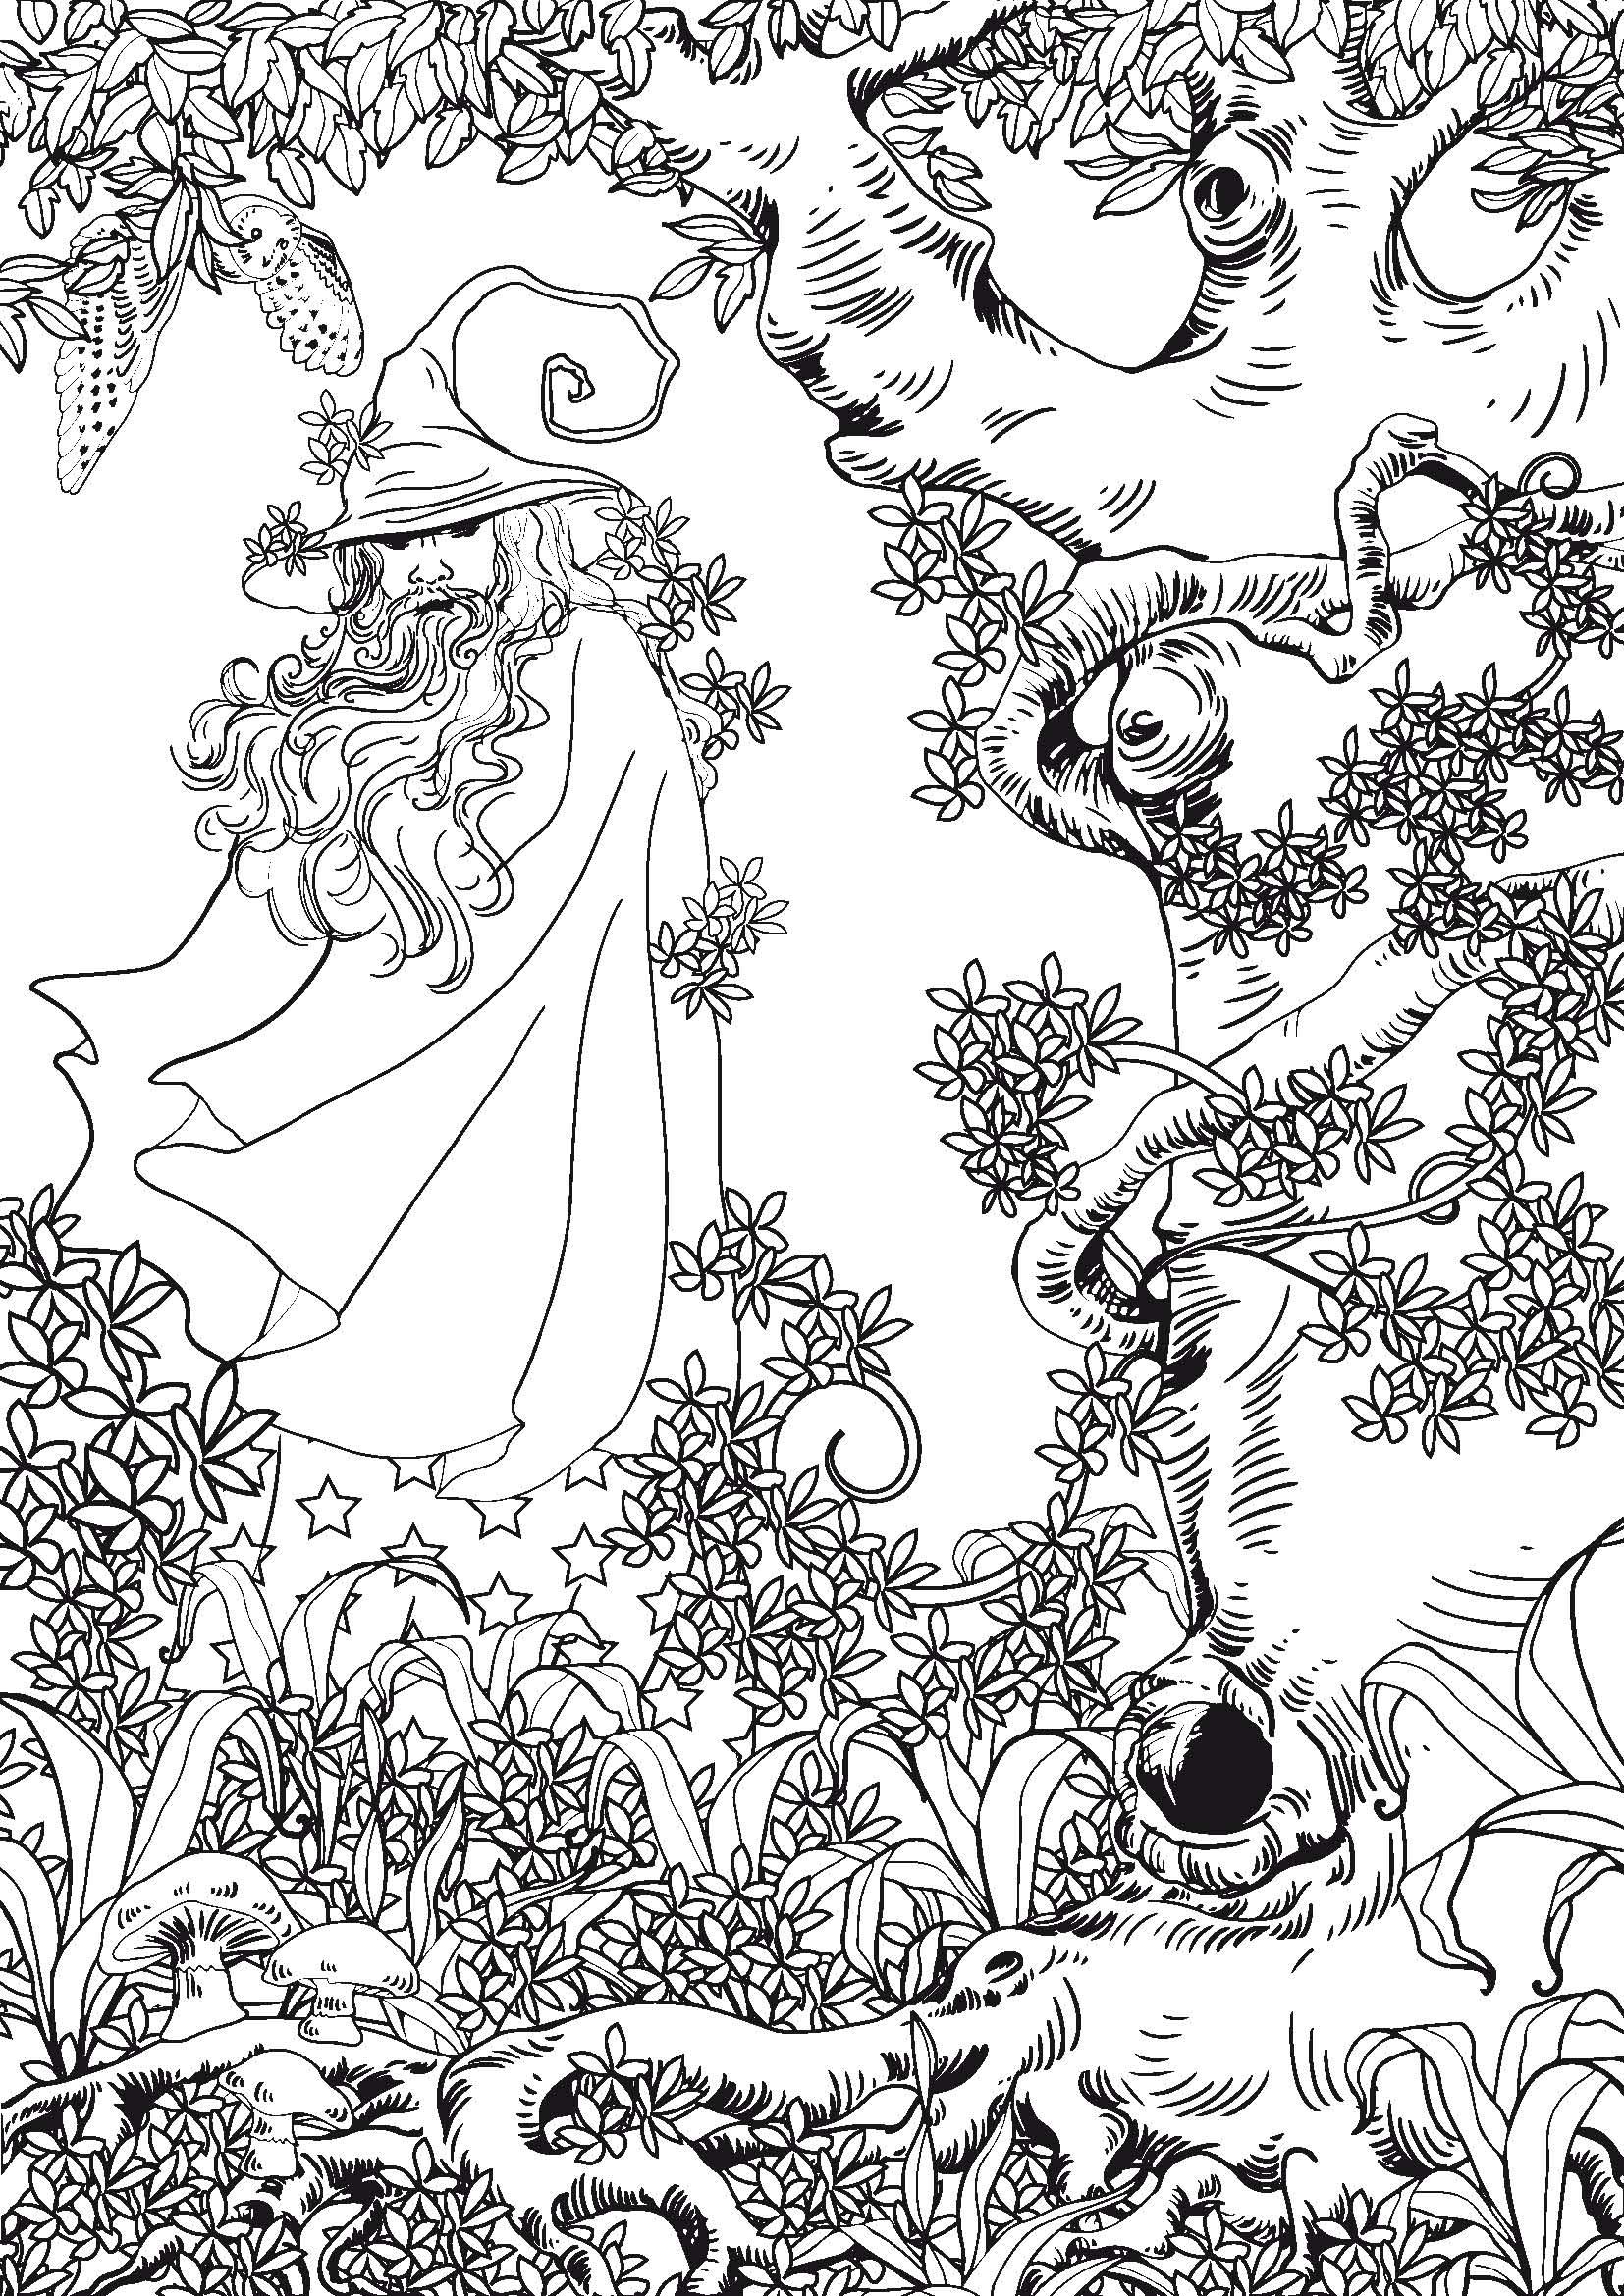 71 Dessins De Coloriage Anti-Stress À Imprimer Sur serapportantà Coloriage Anti Stress Disney À Imprimer Gratuit